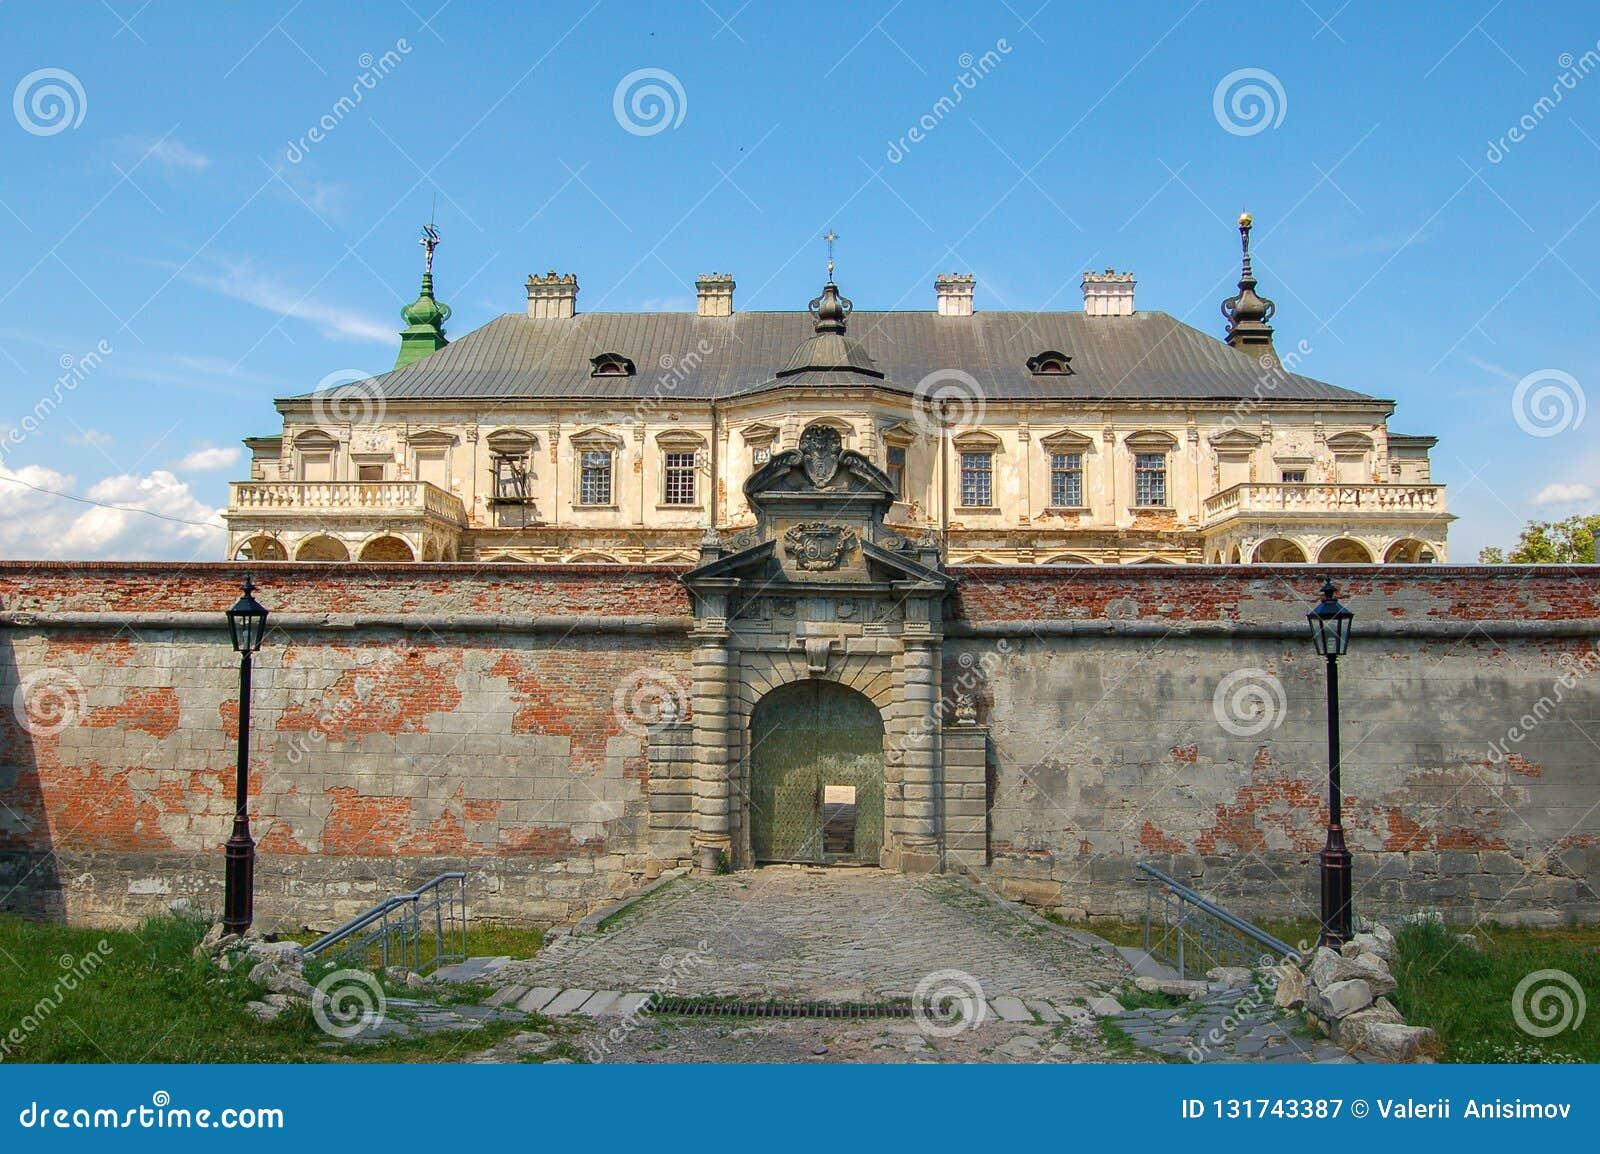 Castelo abandonado velho na região de Lviv, Pidhirtsi, Ucrânia, desde 1635 ano A vista da parte anterior